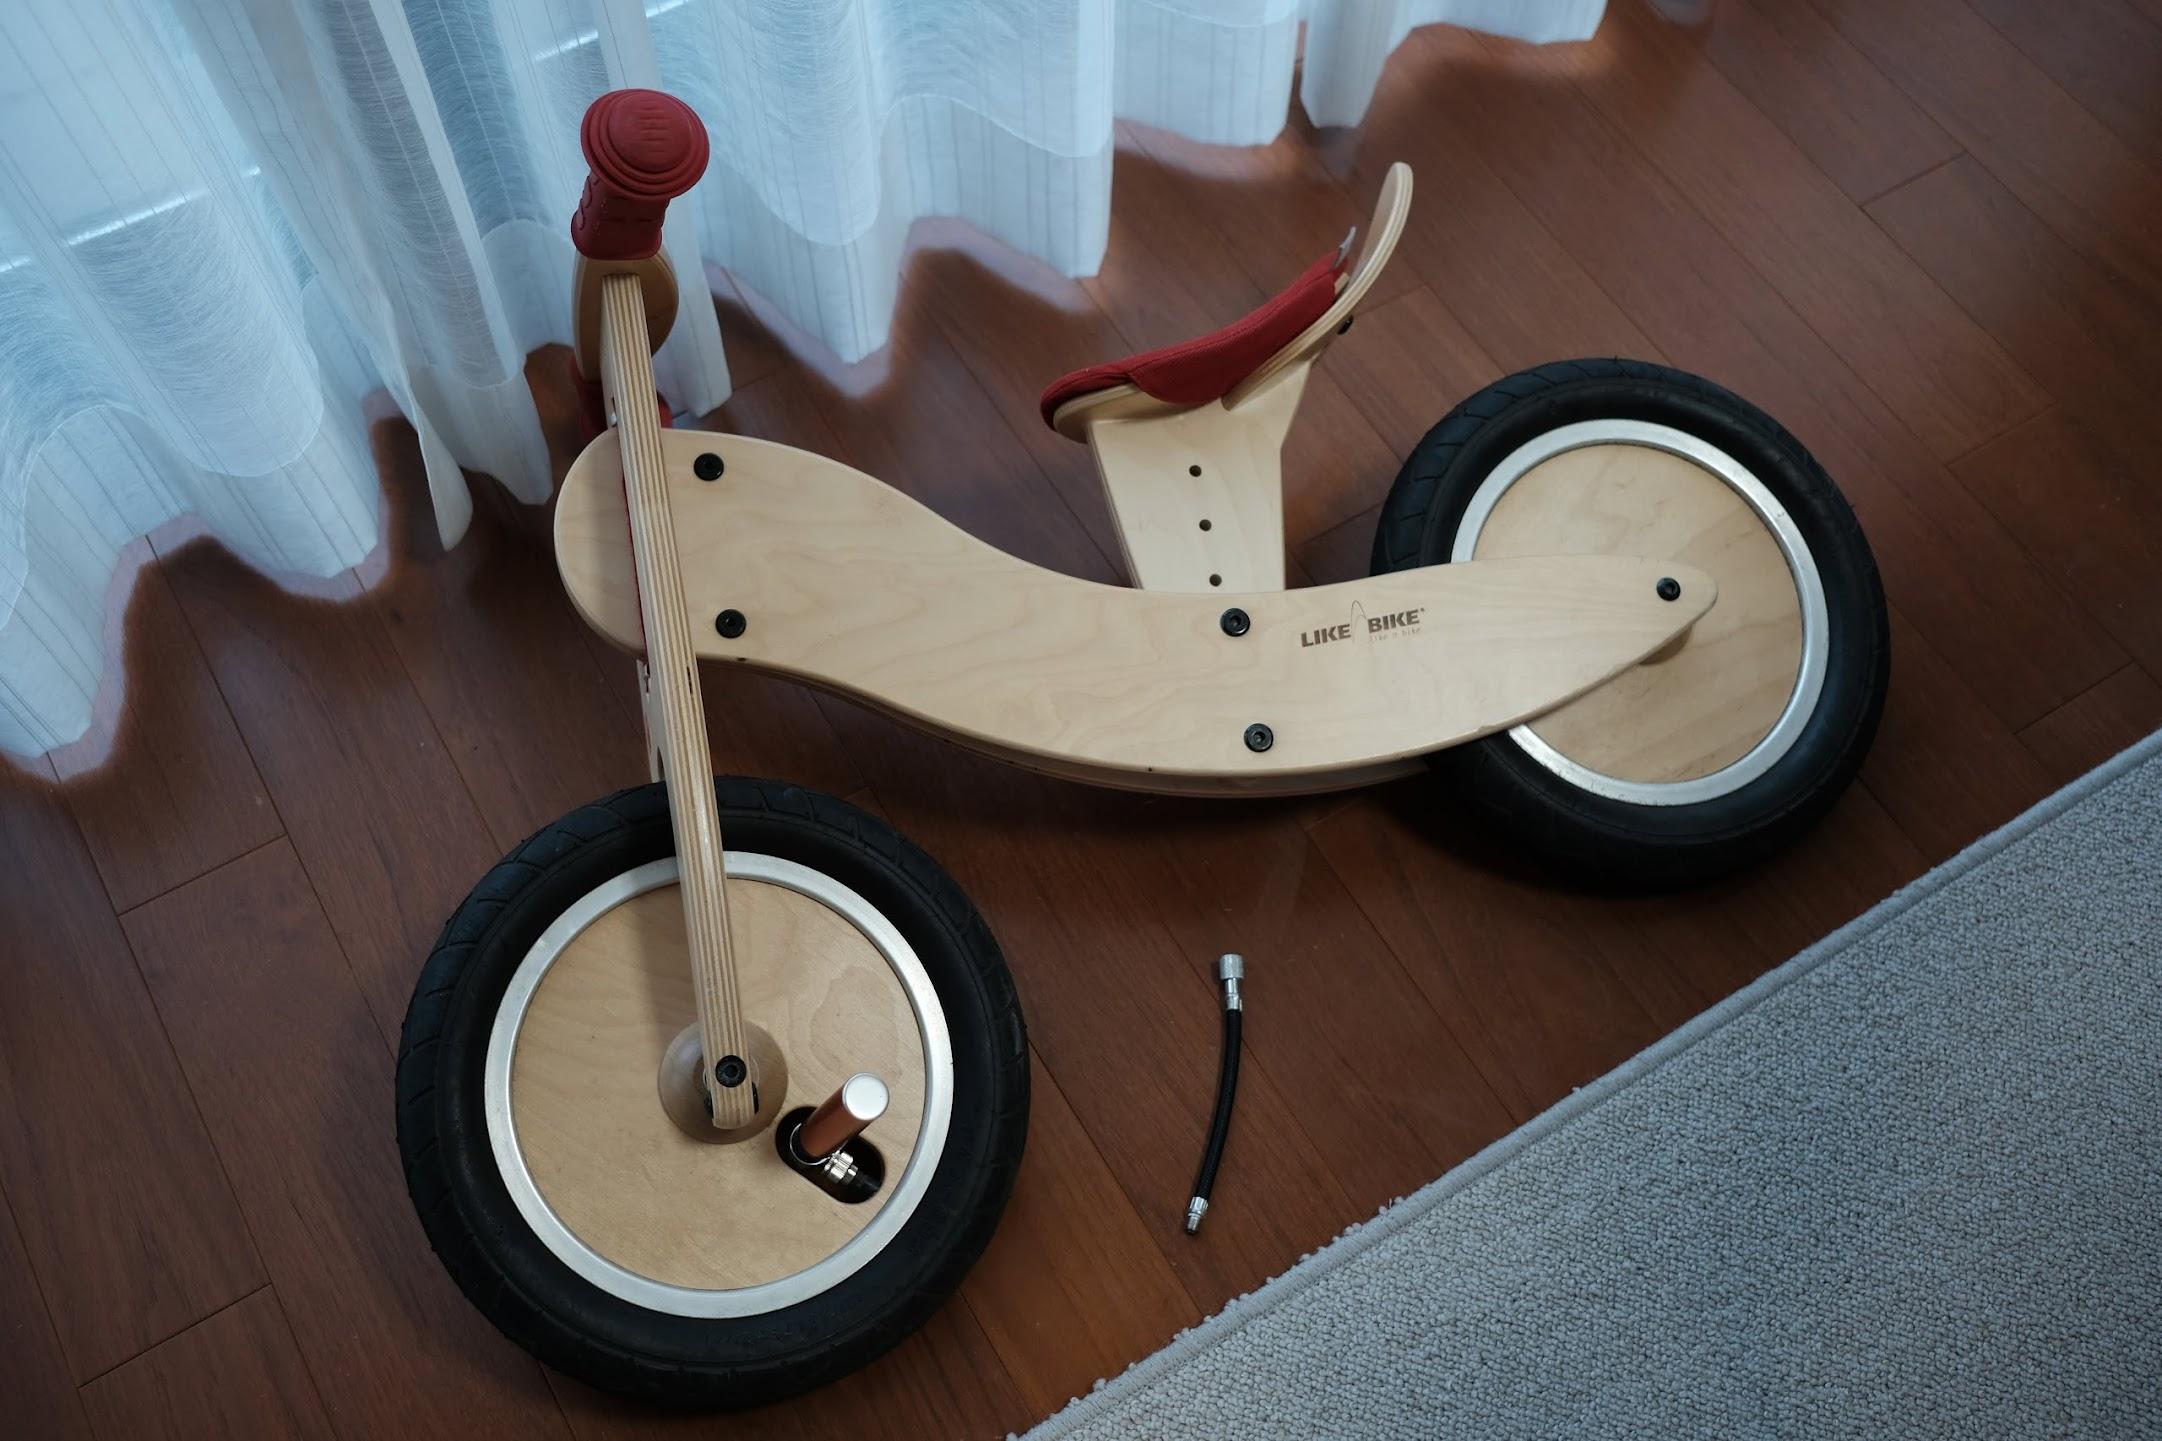 息子のストライダーにair boneのスーパーミニポンプで空気を入れます。